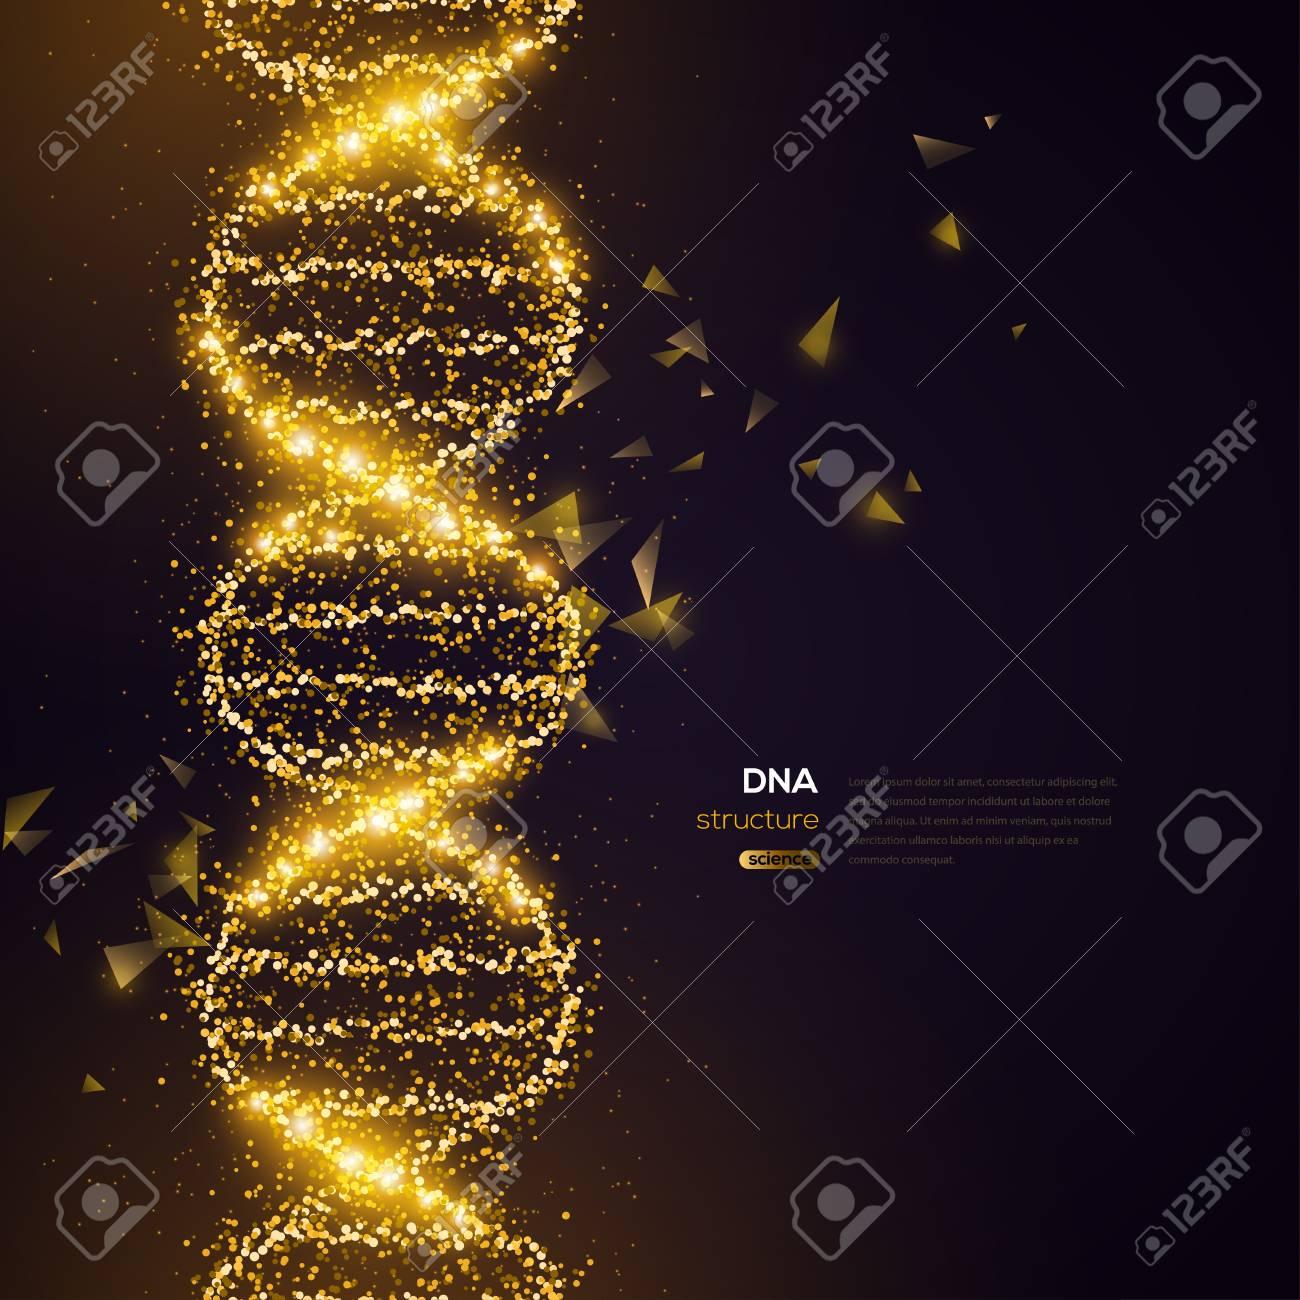 Gold DNA on Black Background - 104339798